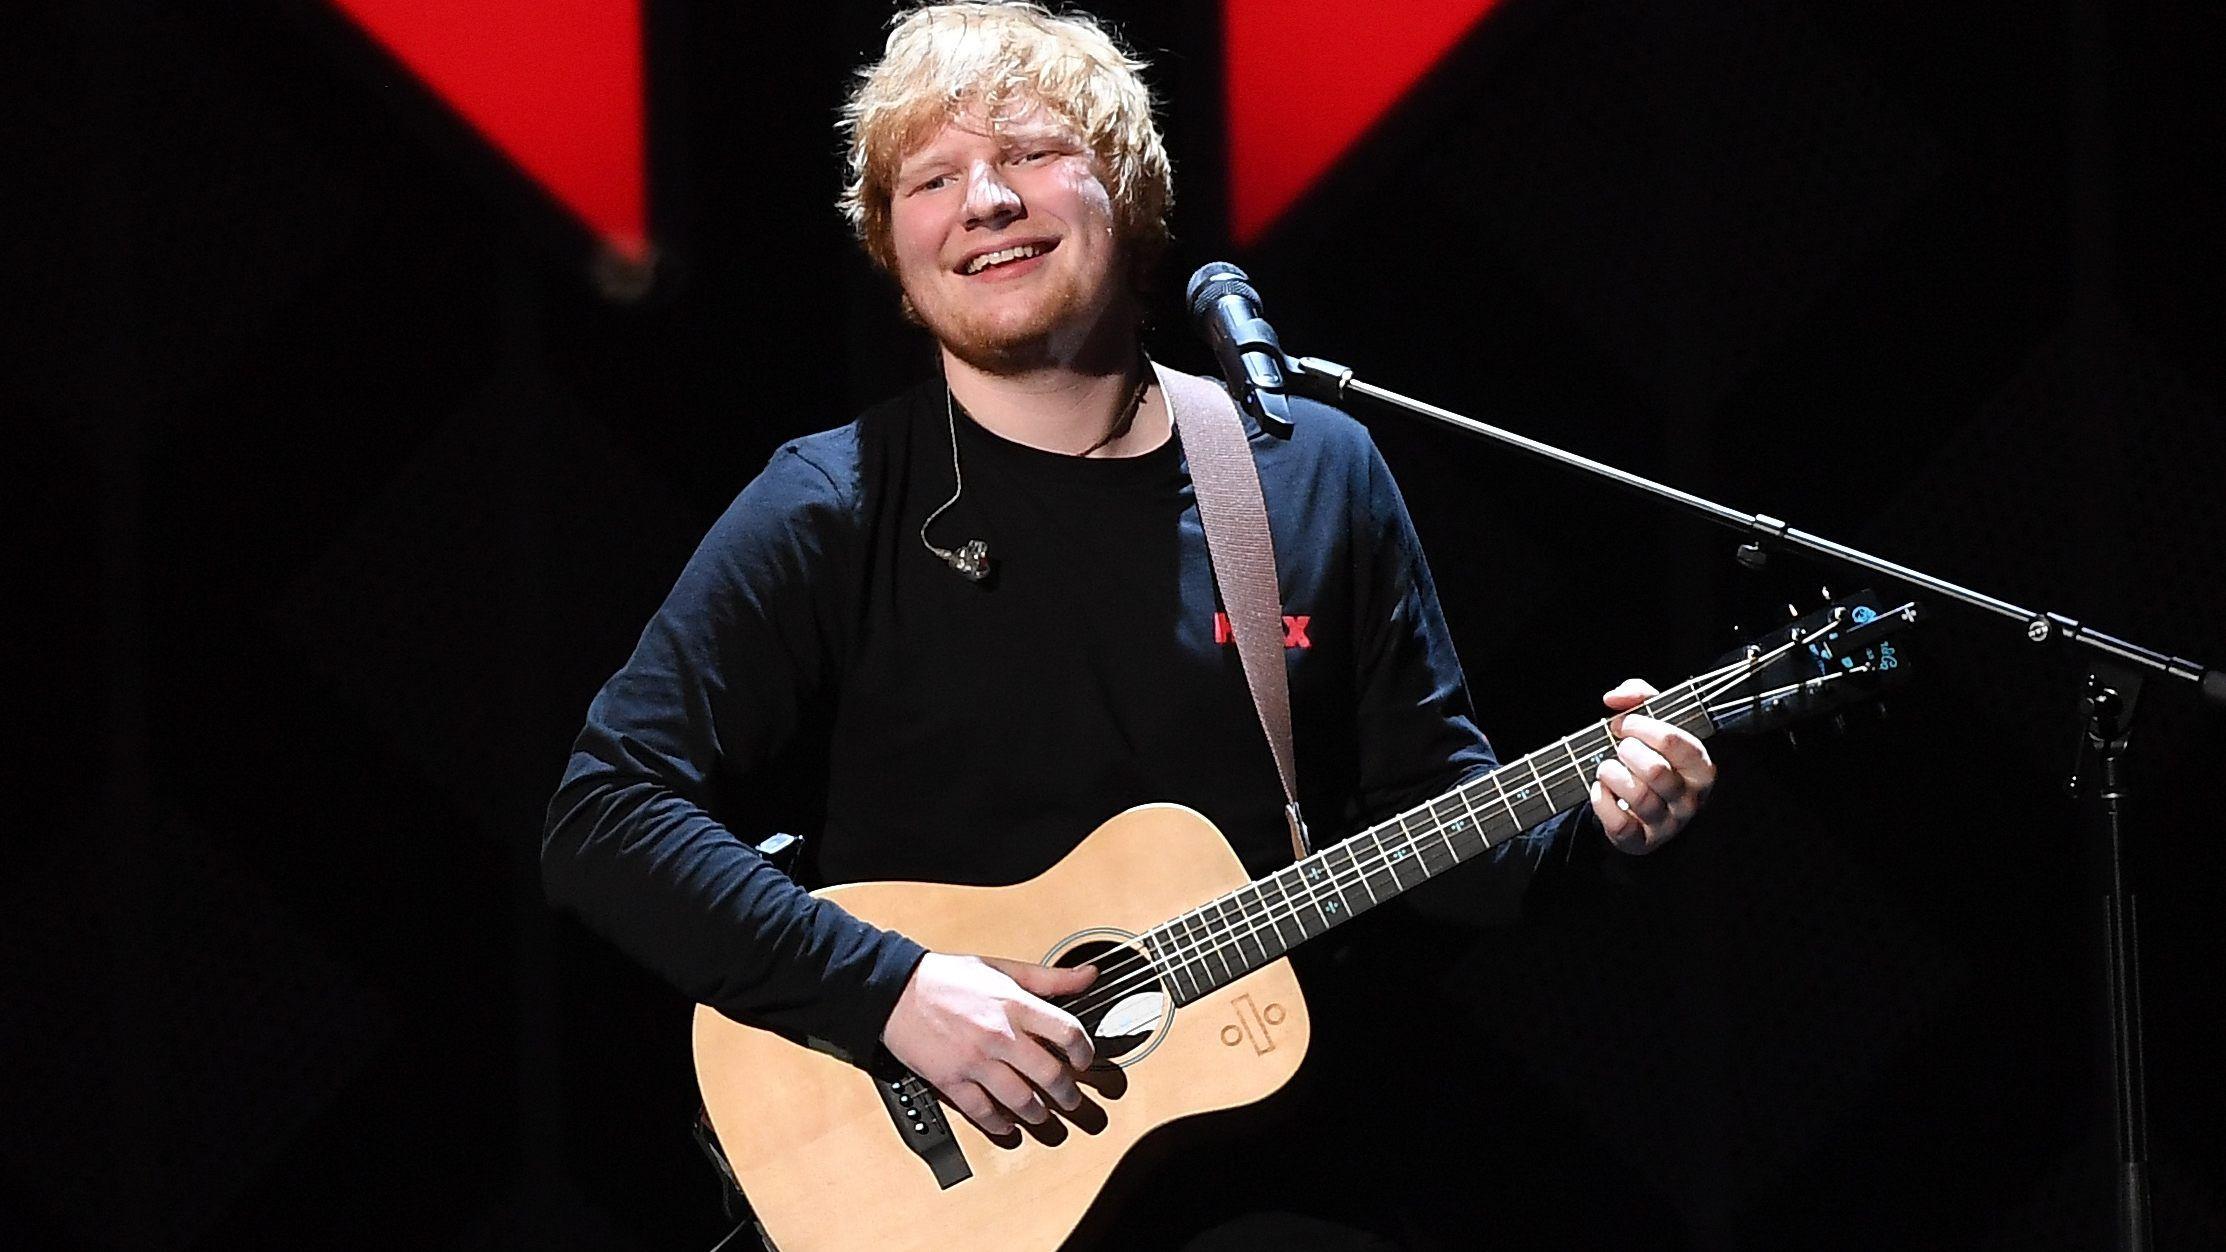 Tipp: Melden Sie sich jetzt für den Ed Sheeran Ticketalarm an und Sie werden automatisch informiert, sobald es Neuigkeiten gibt. Biografie Der rothaarige Singer-Songwriter aus Halifax, West Yorkshire hat mit seiner Musikalität, seiner Emotion und seiner unglaublichen Spielfreude bereits eine große Fanbase und die Anerkennung der Kritiker /5().